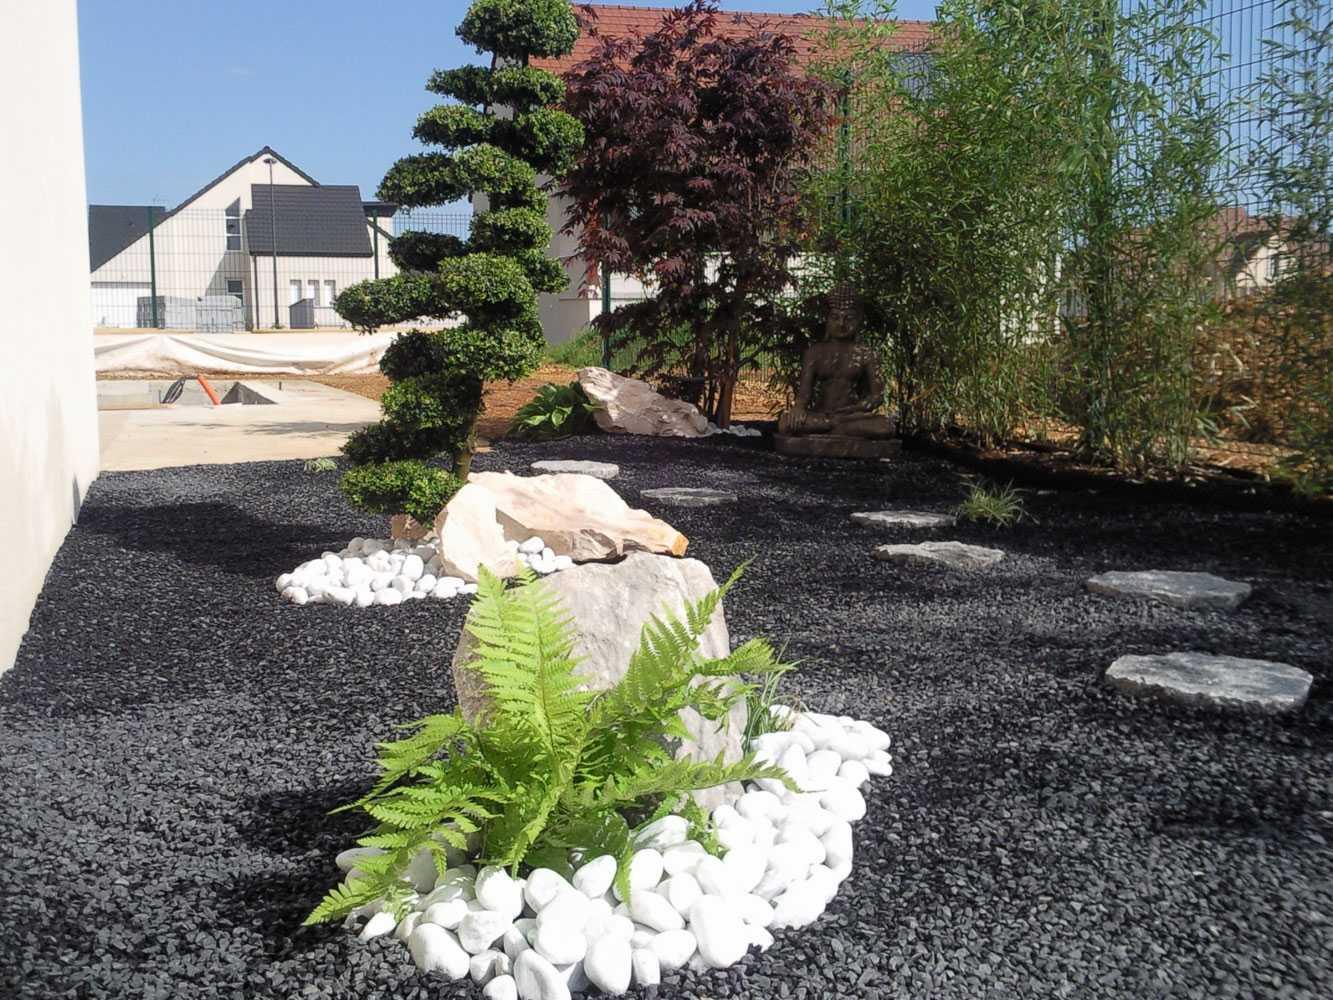 Impressionnant Jardin Exterieur Zen Avec Deco De Jardin ... encequiconcerne Déco De Jardin Zen